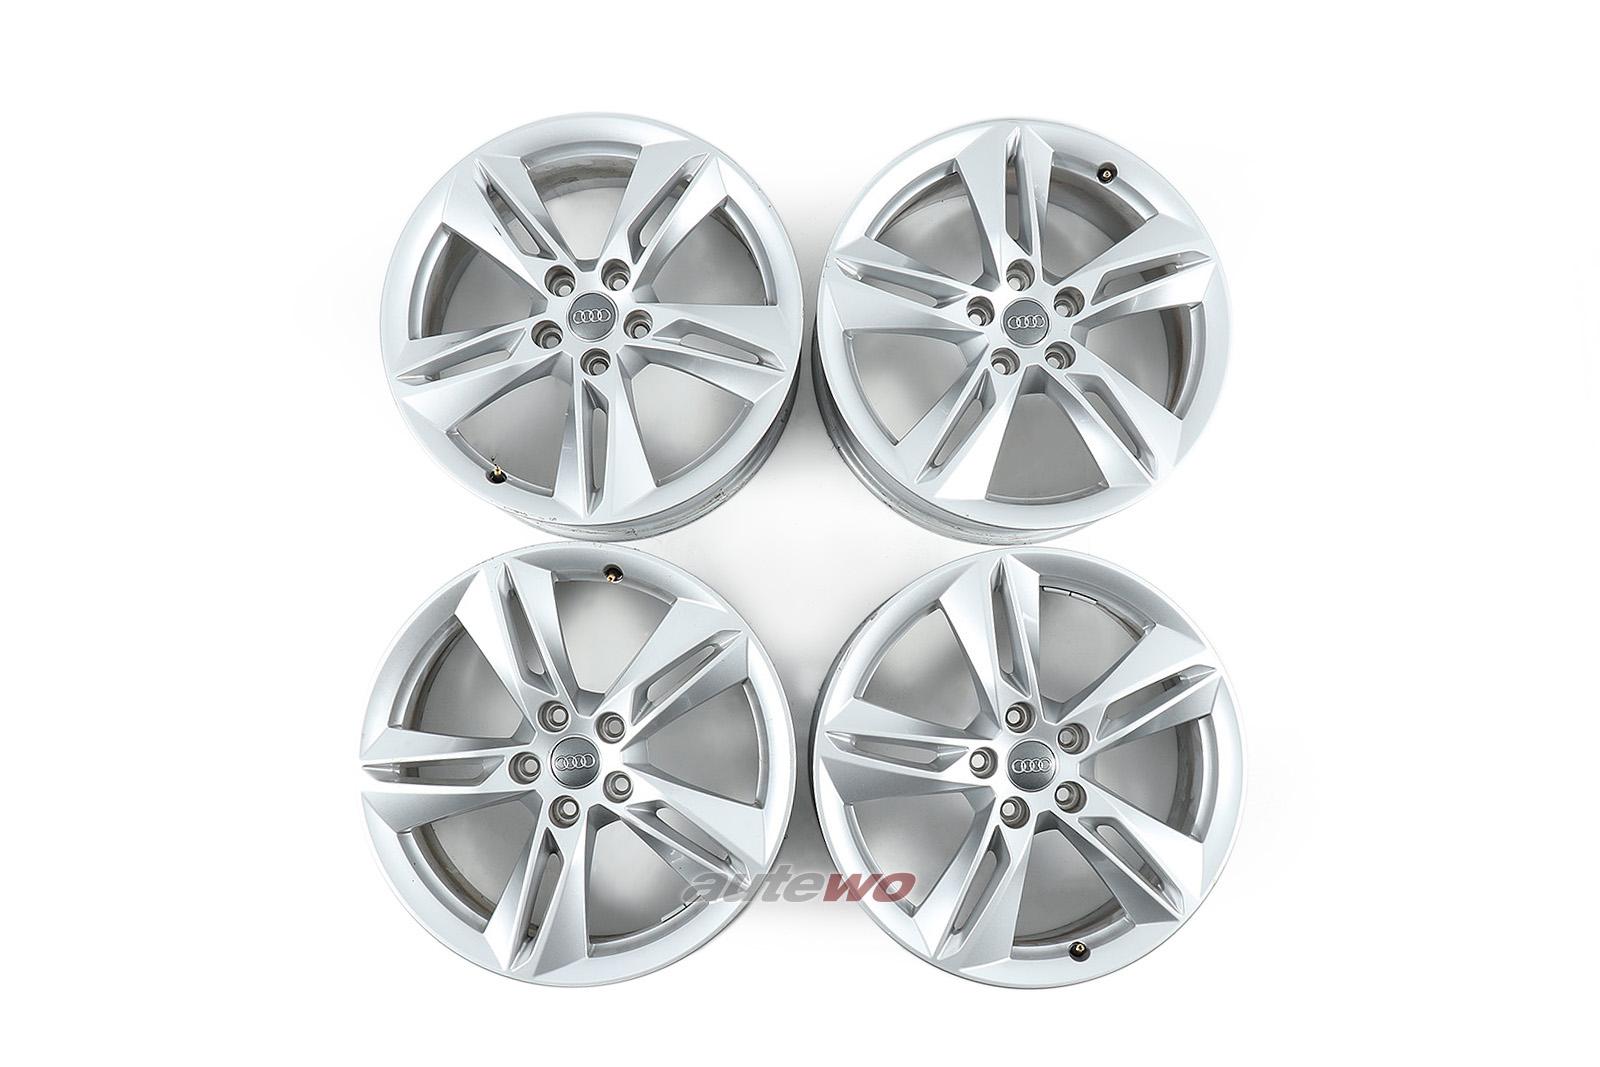 8U0601025AG Audi Q3 8U Alufelgen 7x18 ET43 5x112